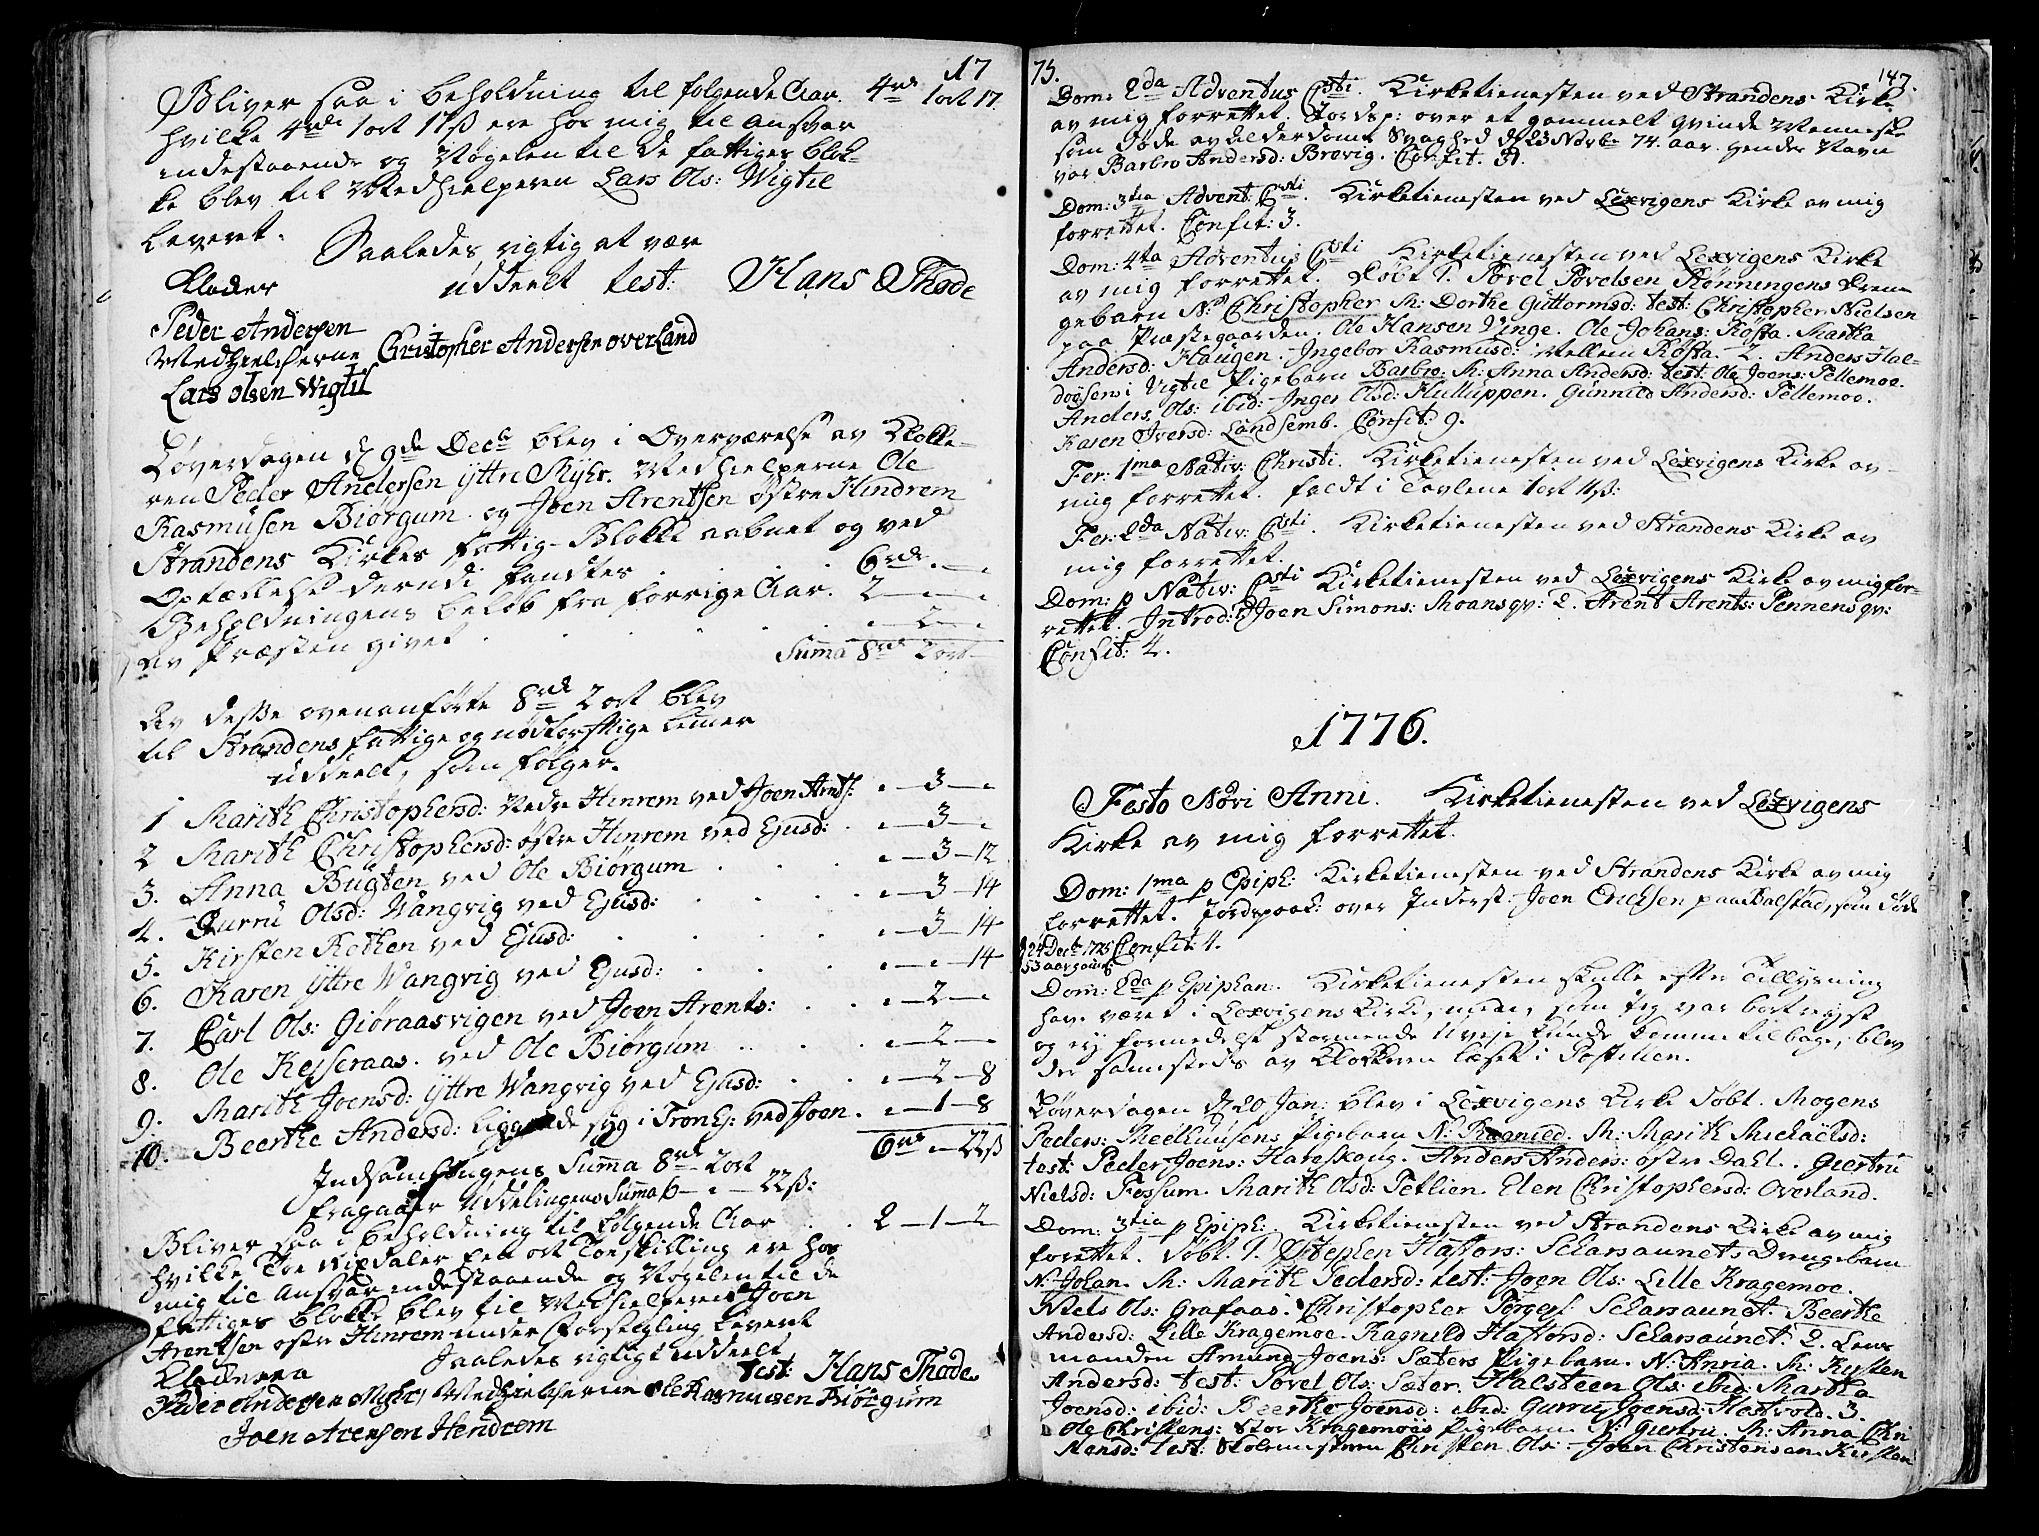 SAT, Ministerialprotokoller, klokkerbøker og fødselsregistre - Nord-Trøndelag, 701/L0003: Ministerialbok nr. 701A03, 1751-1783, s. 147